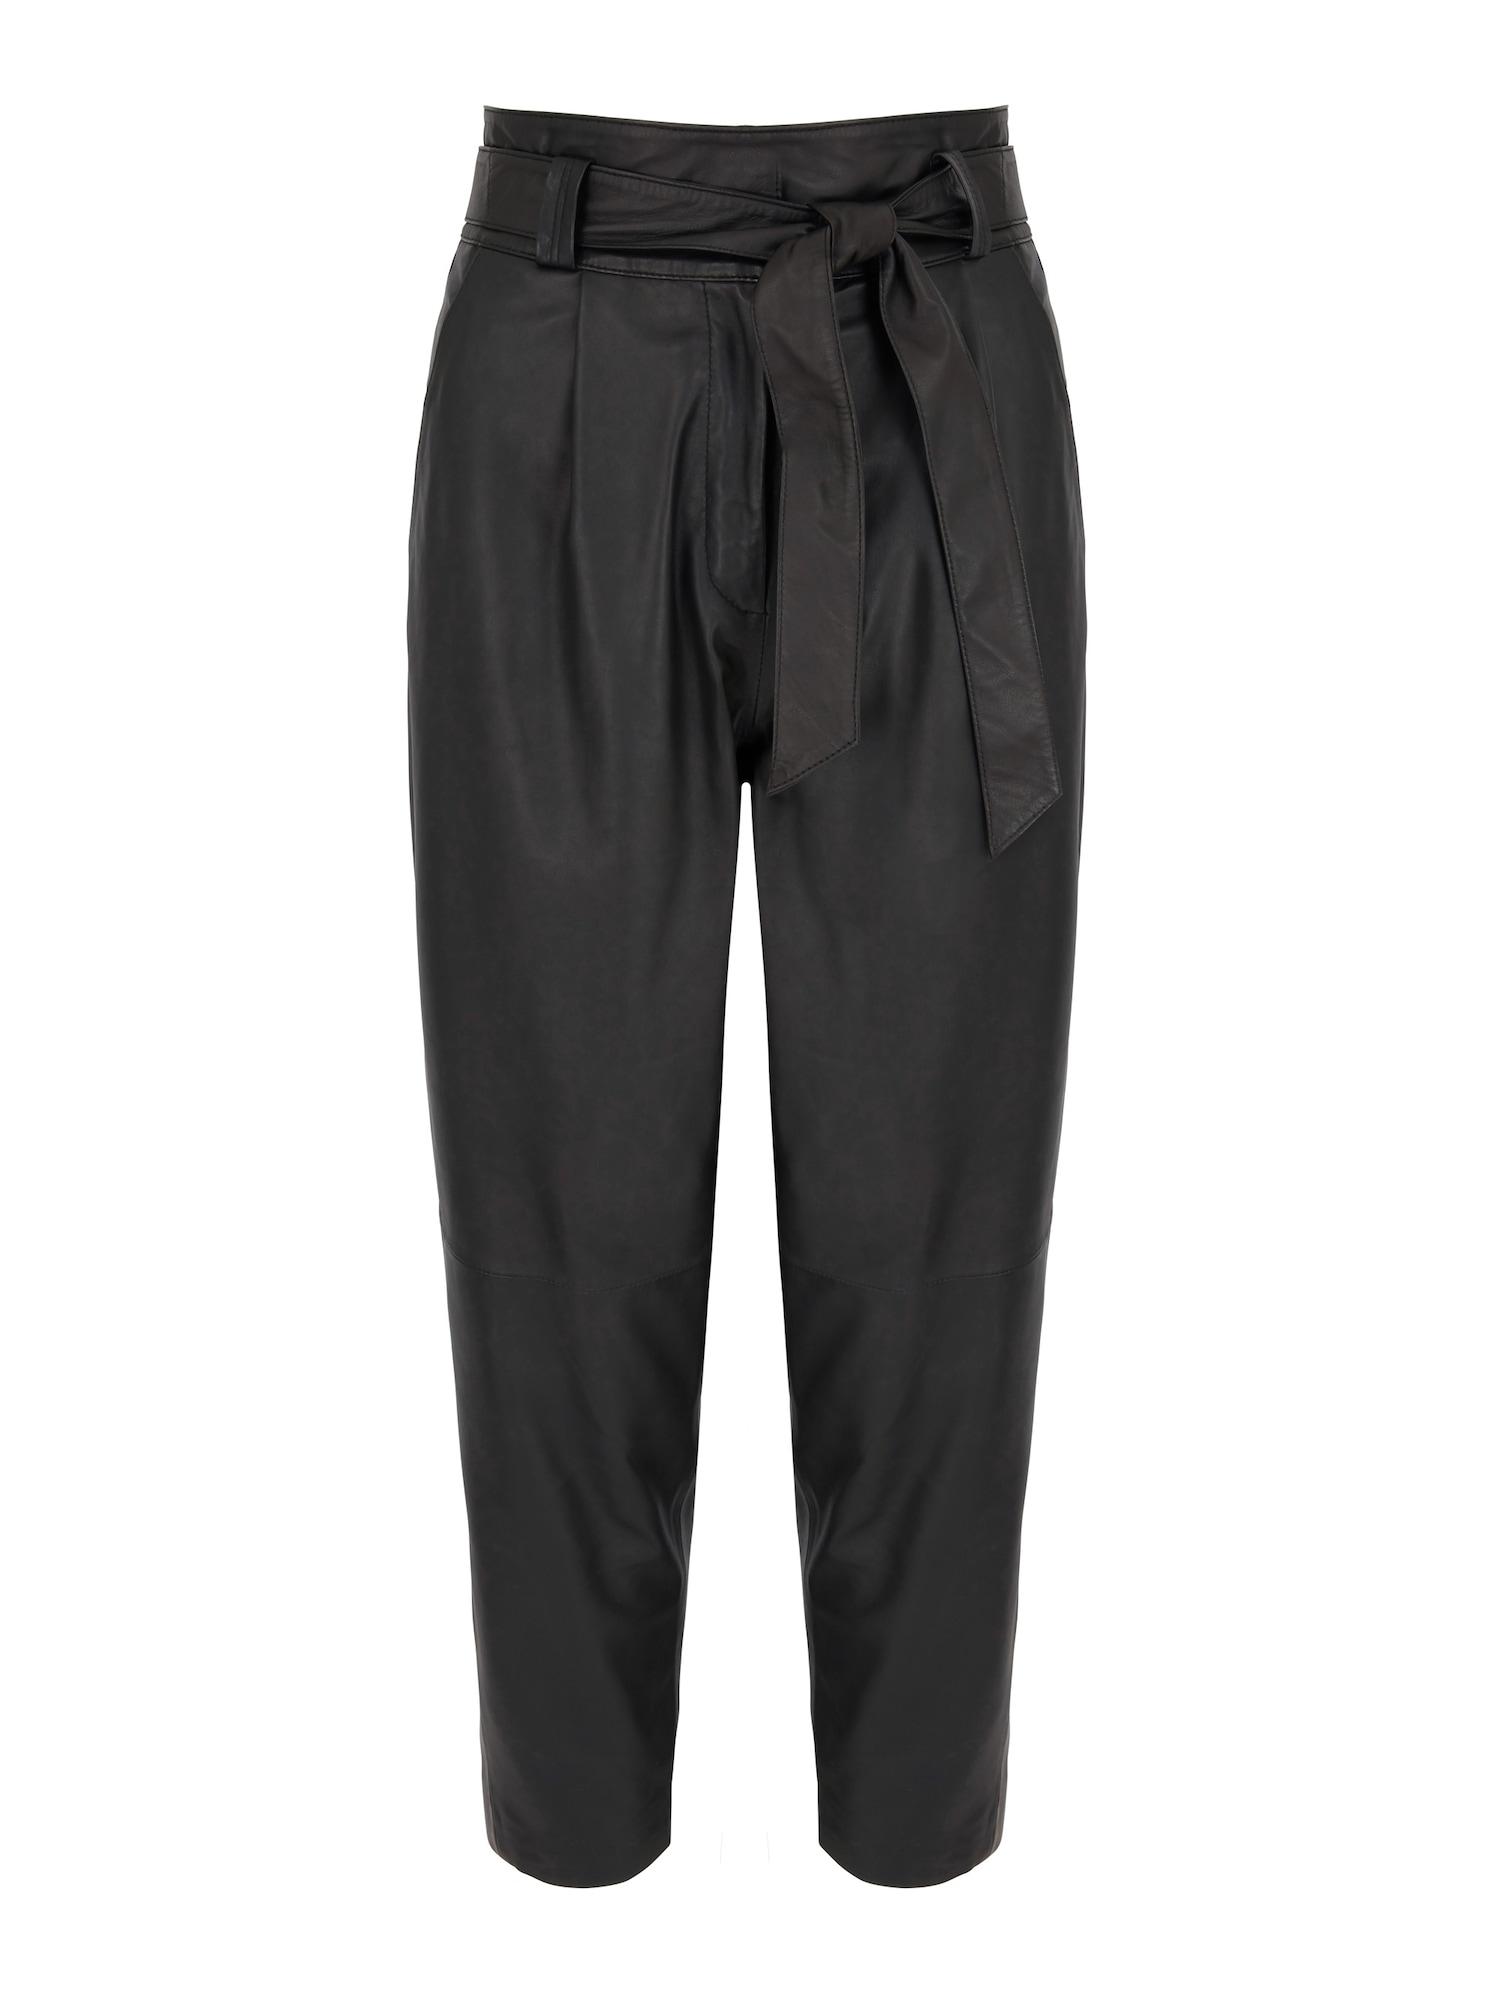 Aligne Klostuotos kelnės 'Belinda' juoda